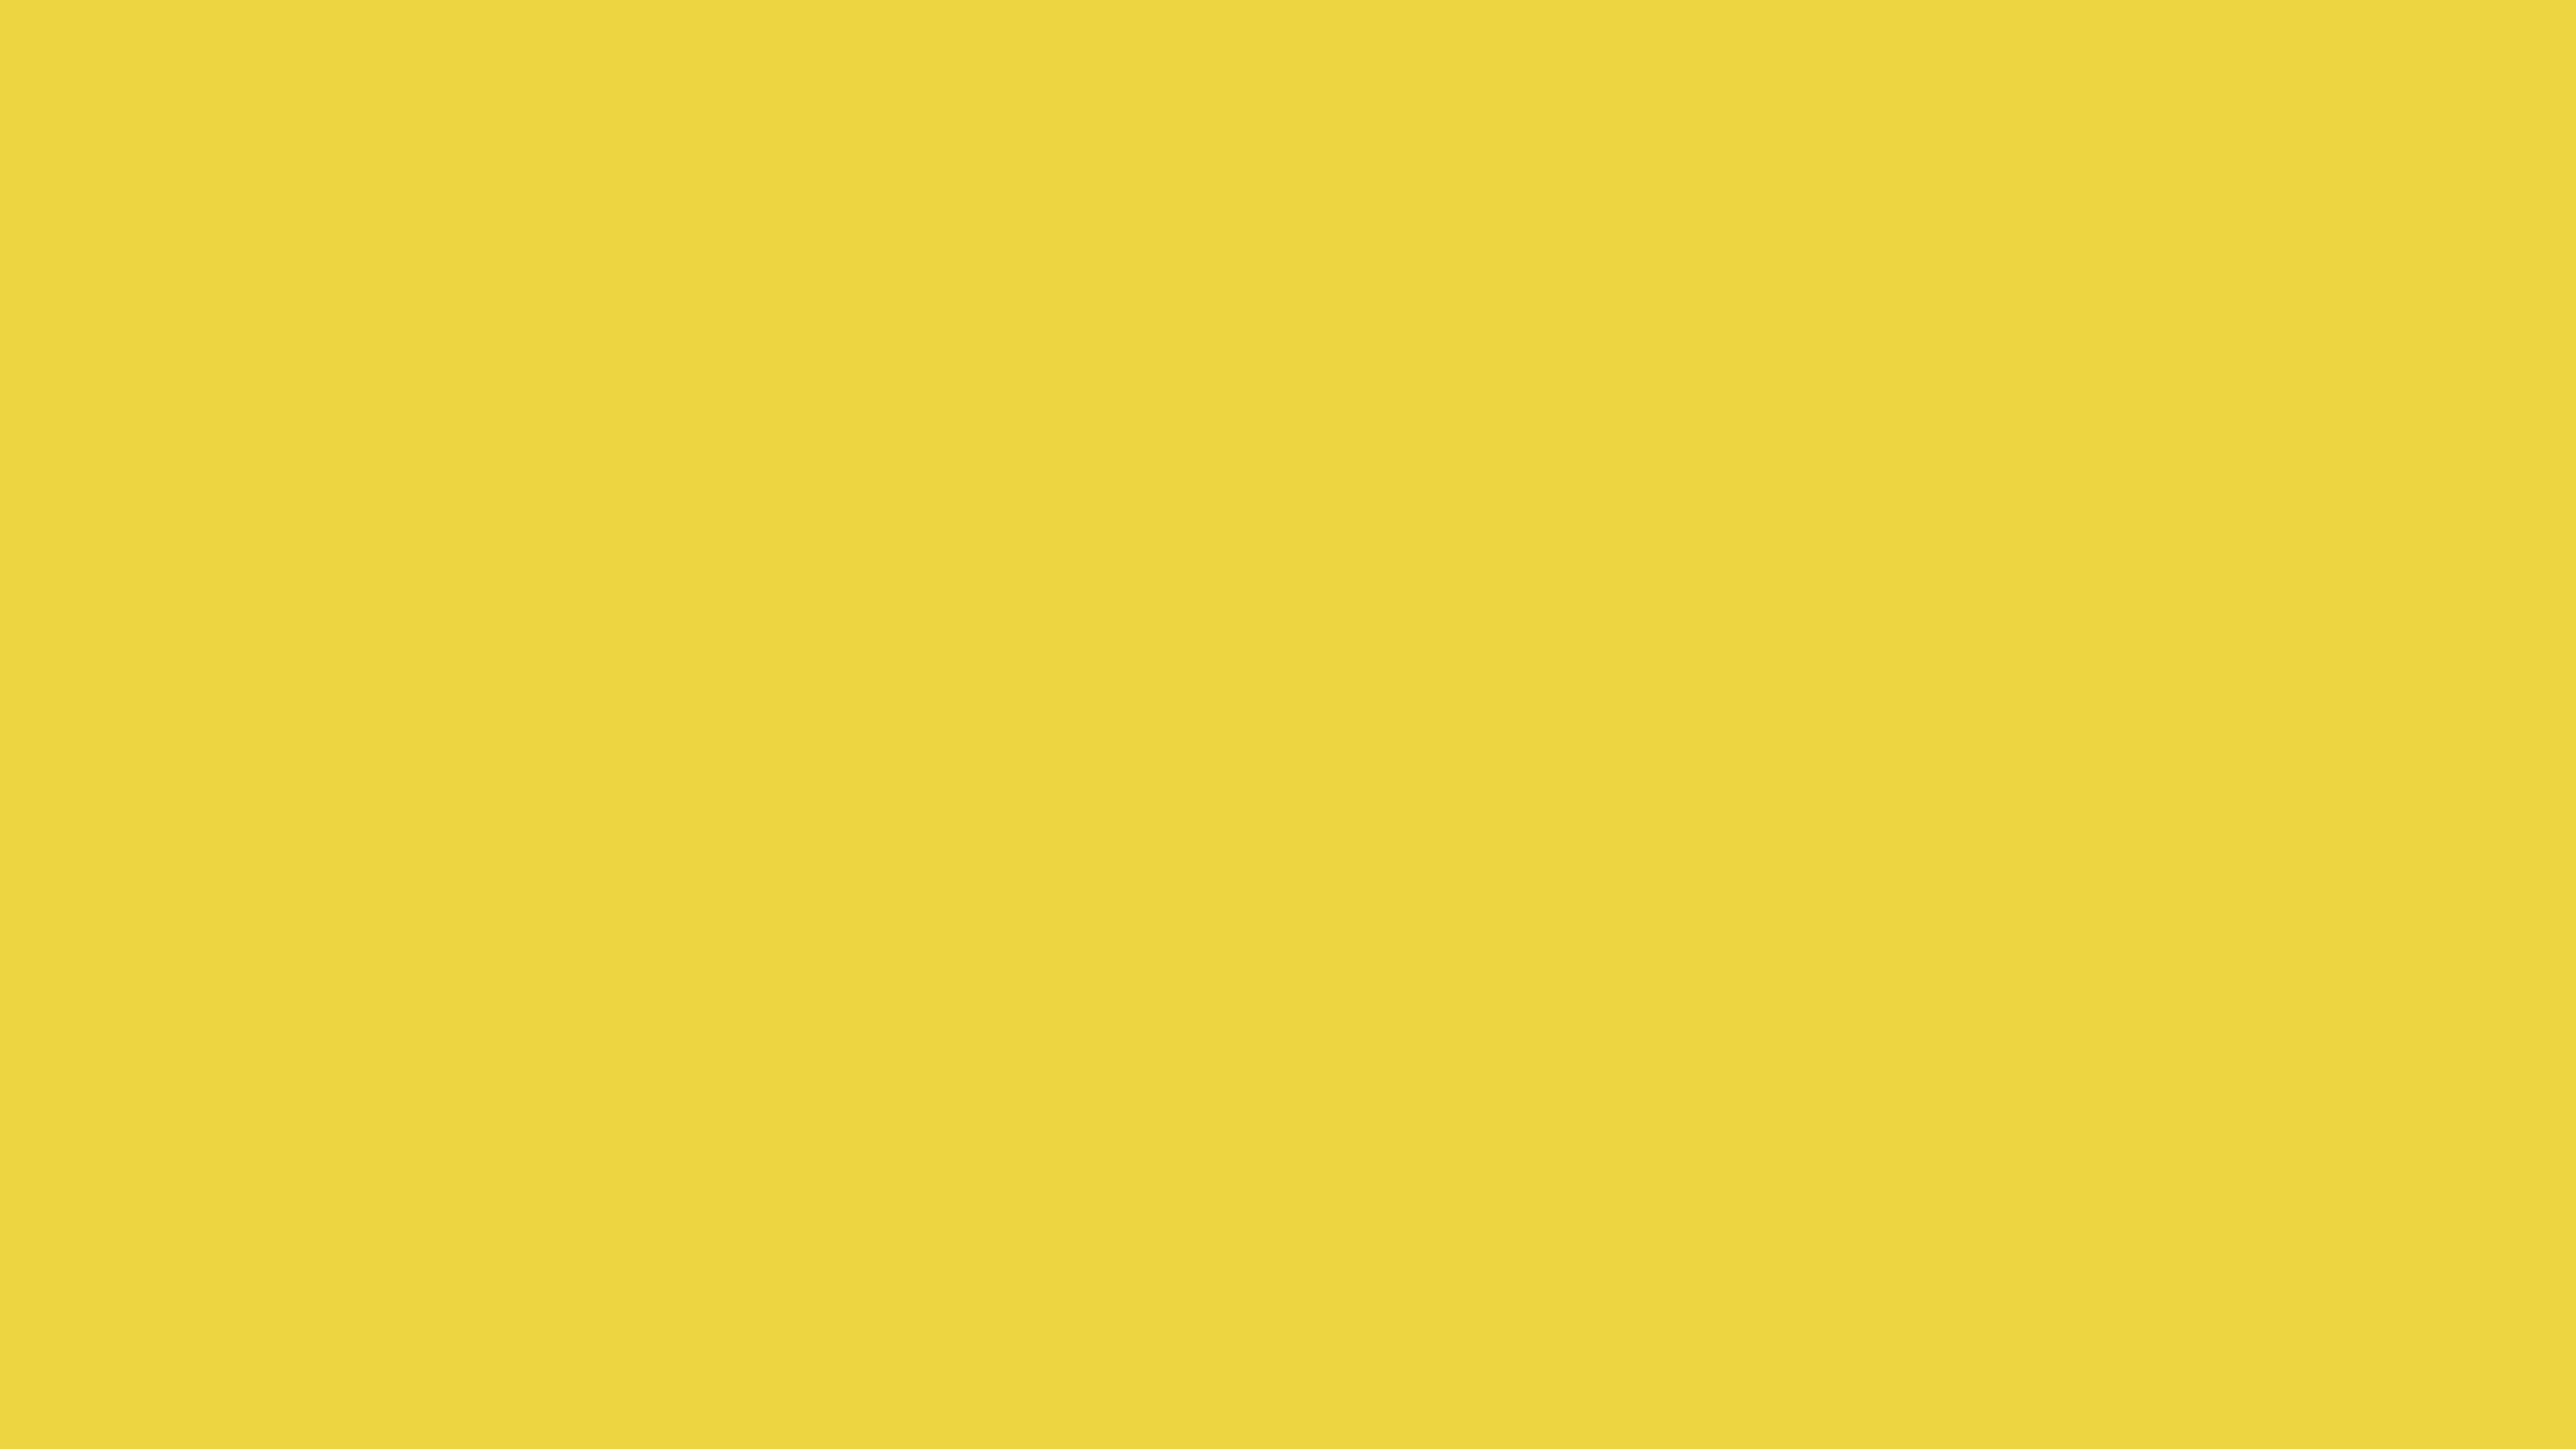 4096x2304 Sandstorm Solid Color Background